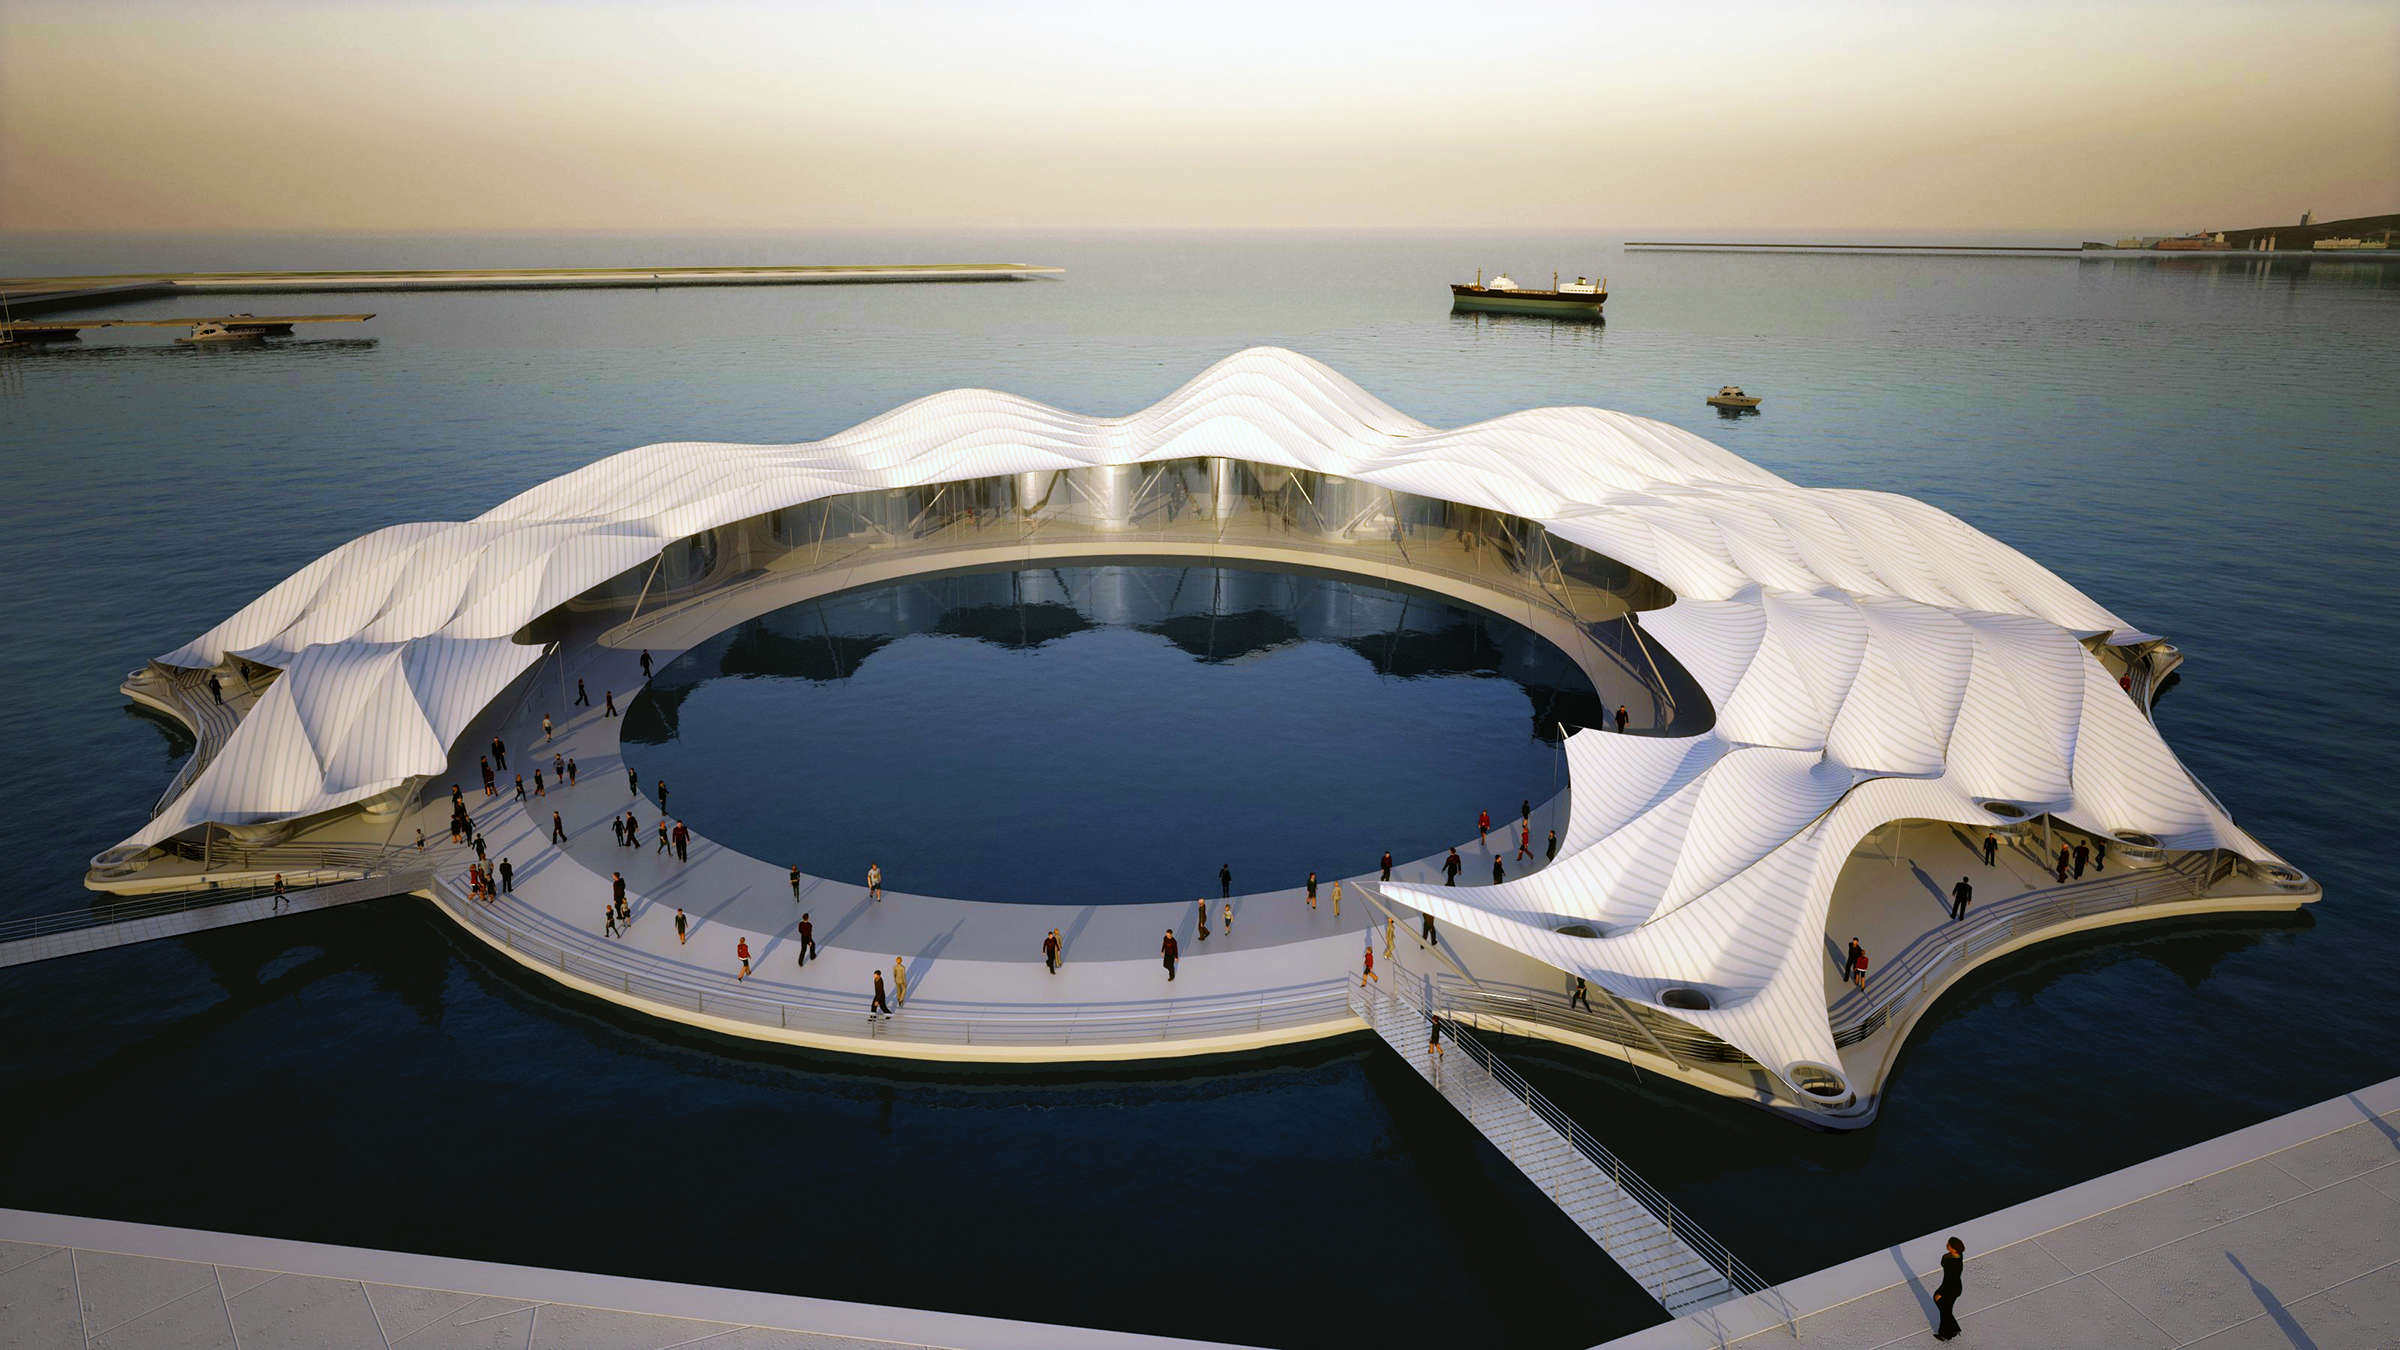 Pavillonform und zentraler Pool - Der Grundriss des Gebäudes ist wie eine Sichel geformt. Die Öffentlichkeit betritt die schwimmende Plattform über einen der beiden Laufstege. Von dort aus gelangt man auf den Rundweg um einen zentralen Pool – ein ausgeschnittenes Meeresfragment, das sowohl die Rolle des Meeres symbolisiert als auch Veranstaltungen rund um das Hauptthema der Ausstellung ermöglicht.